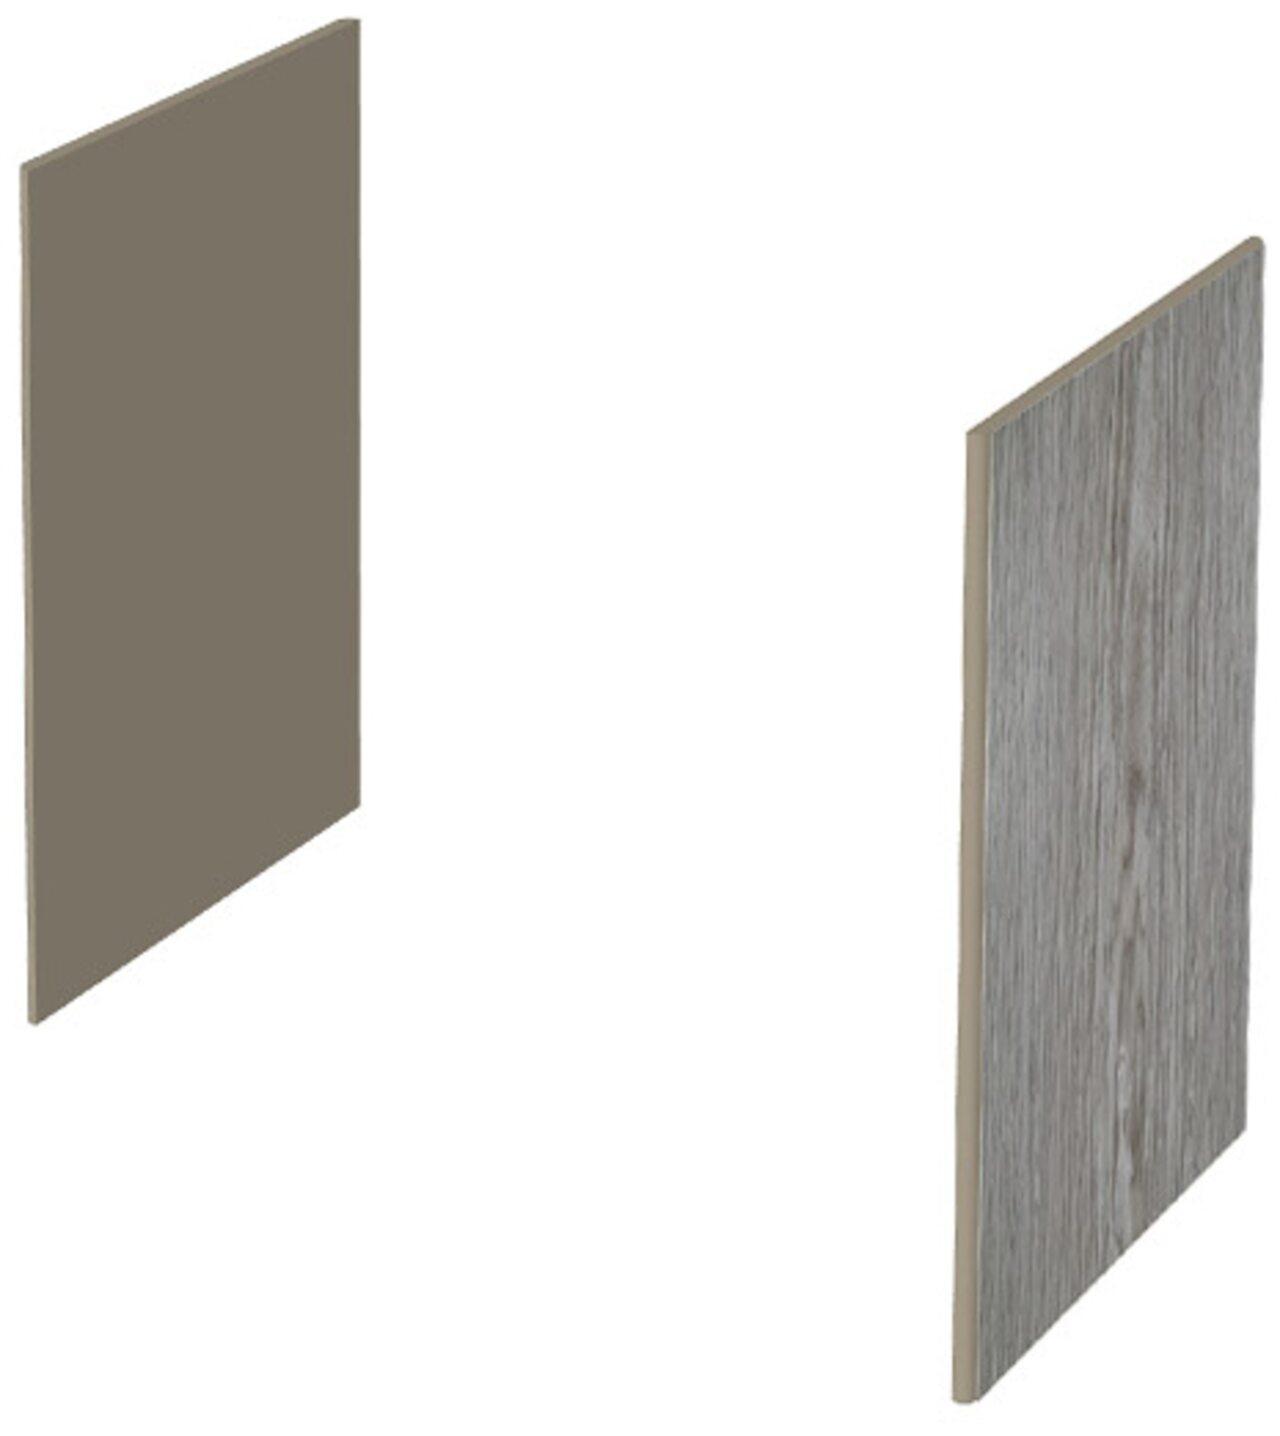 Декоративные боковые панели для низких шкафов  New.Tone 46x2x82 - фото 3